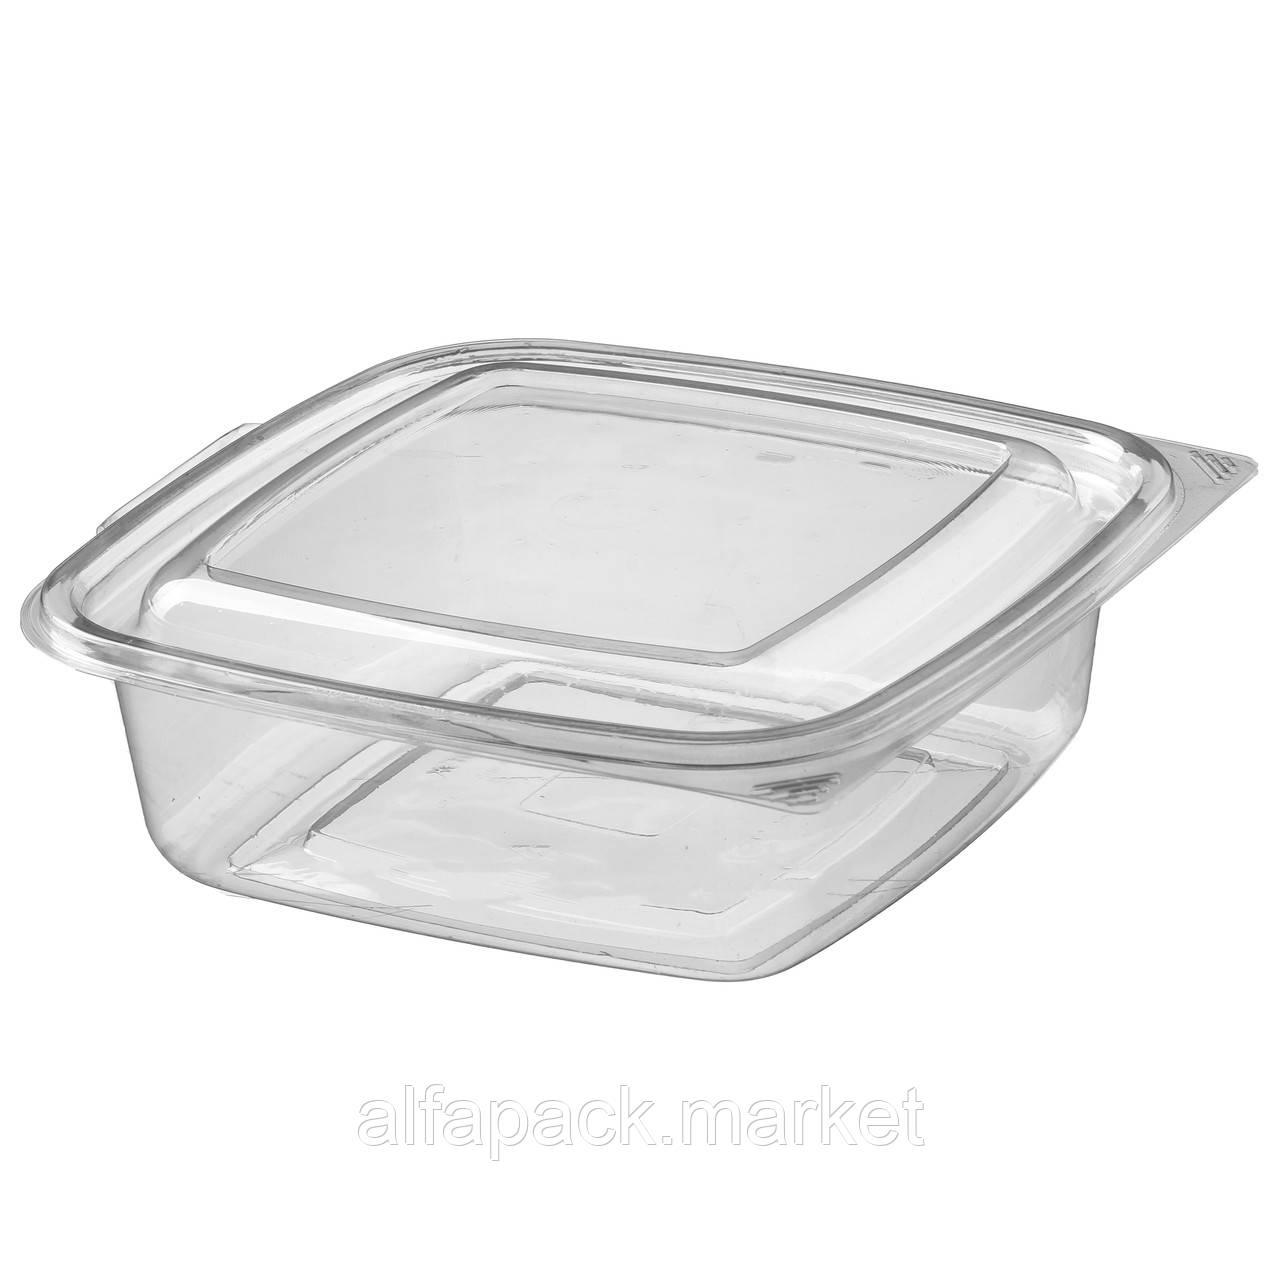 ПР-СК-РГ-750 Упаковка для салатов 750 мл, 168*168*60 (200 шт в упаковке) 010200033